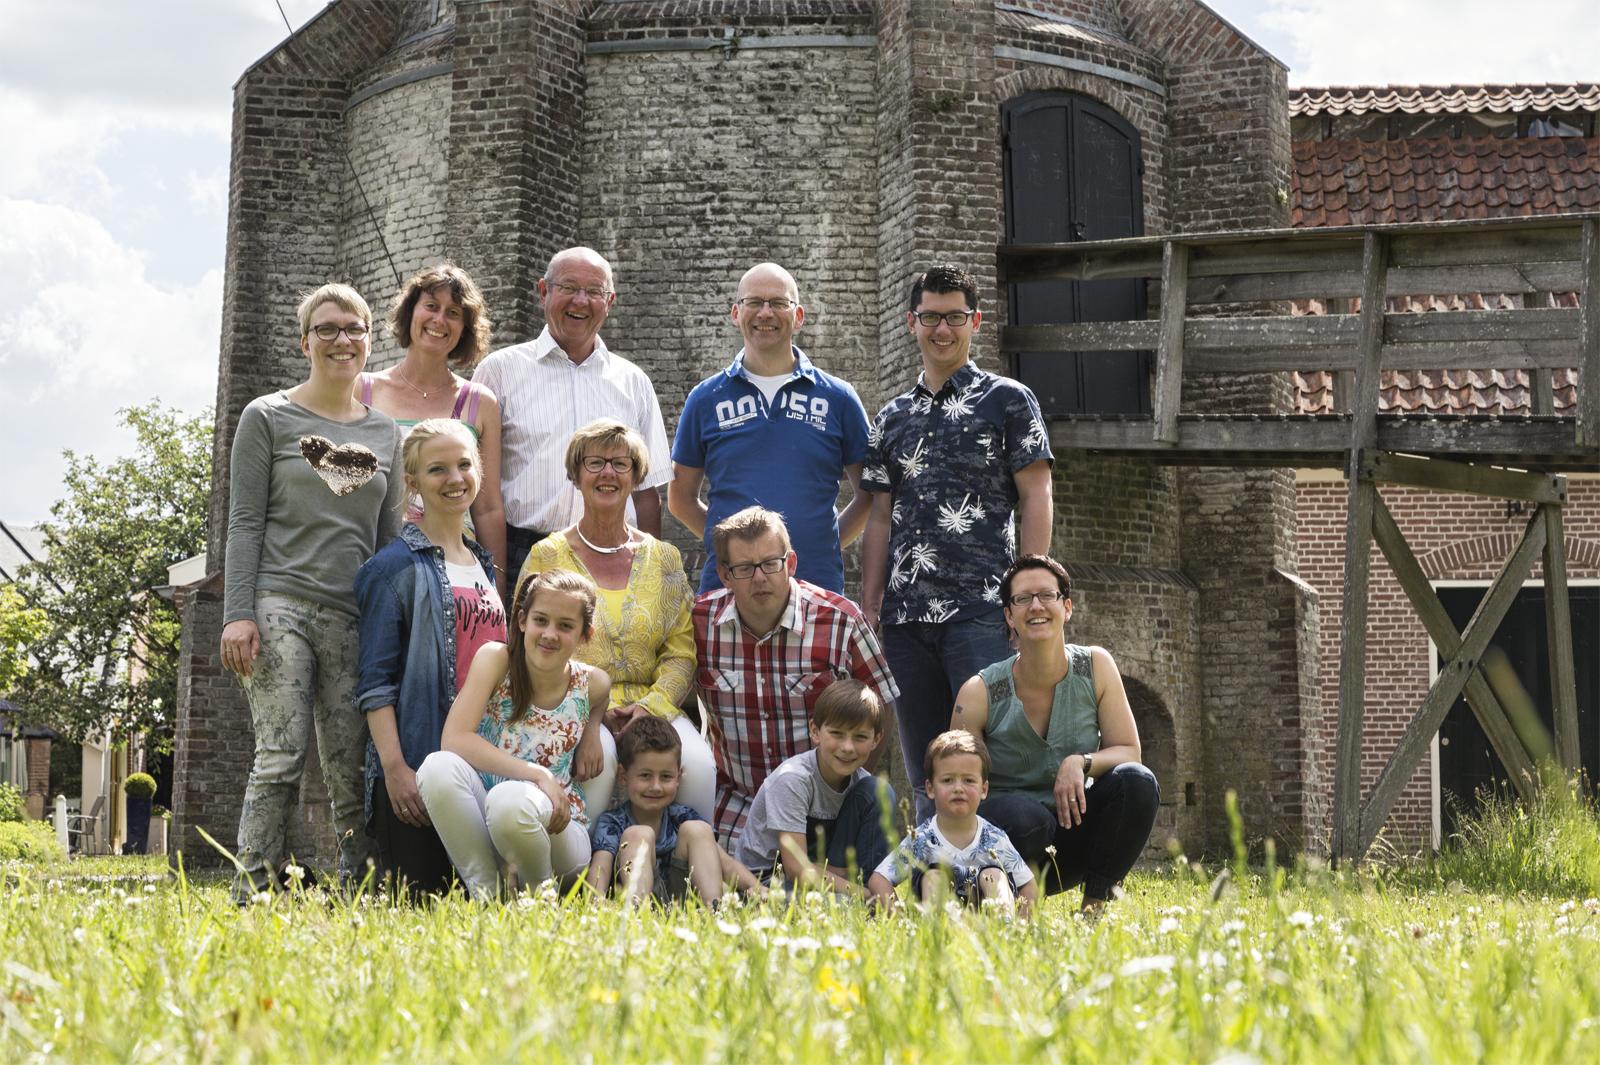 Locatiefotografie-Ina Vrinssen fotografie-Zwolle-05